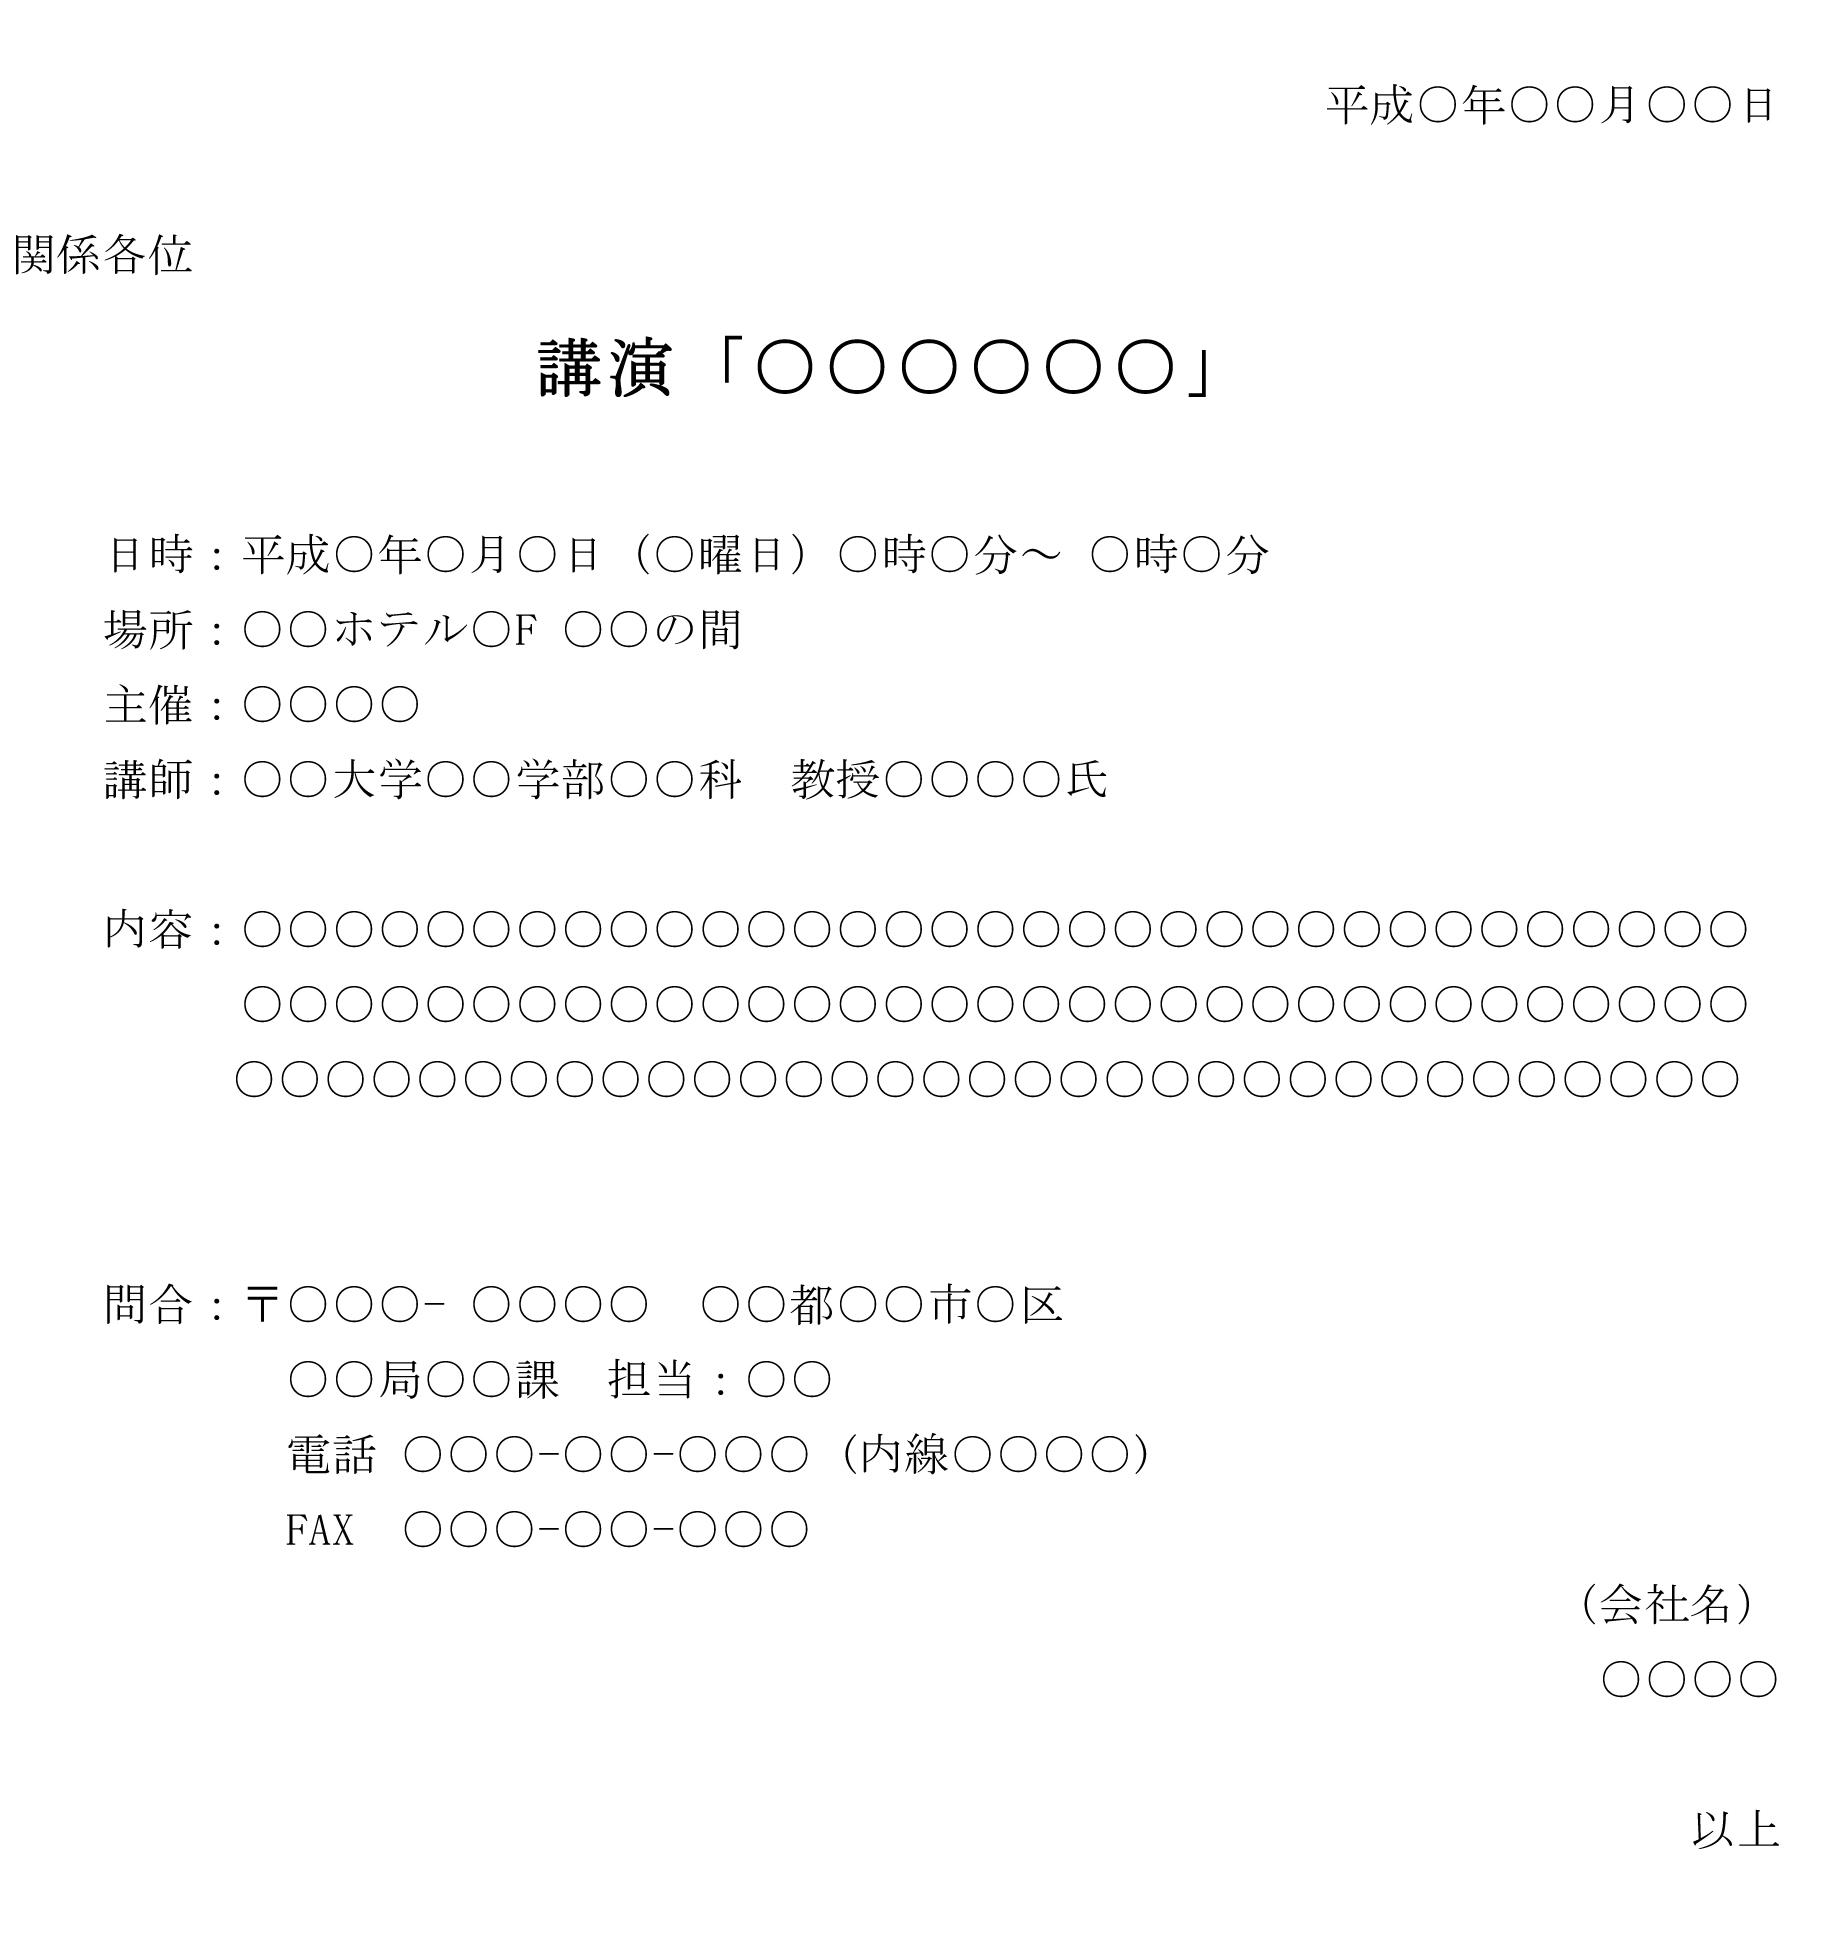 案内状(講演)